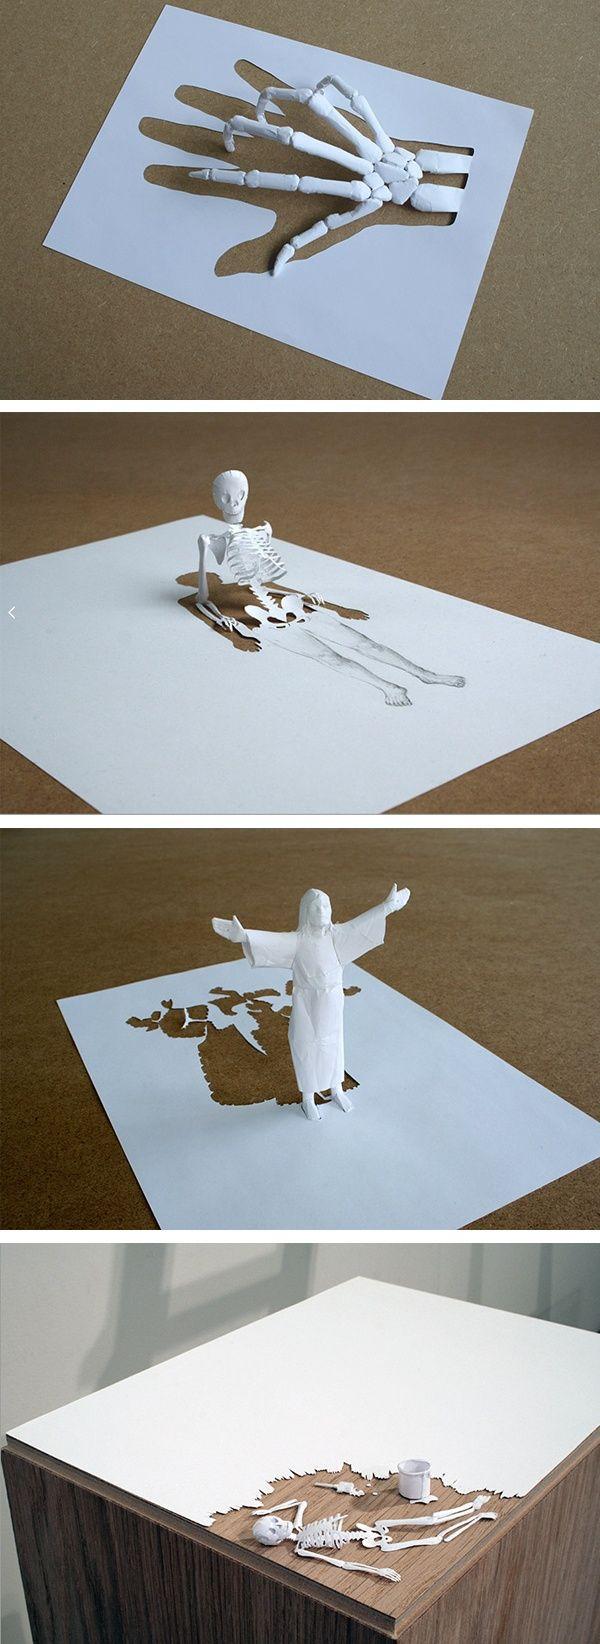 Paper Sculpture by Peter Callesen #technology